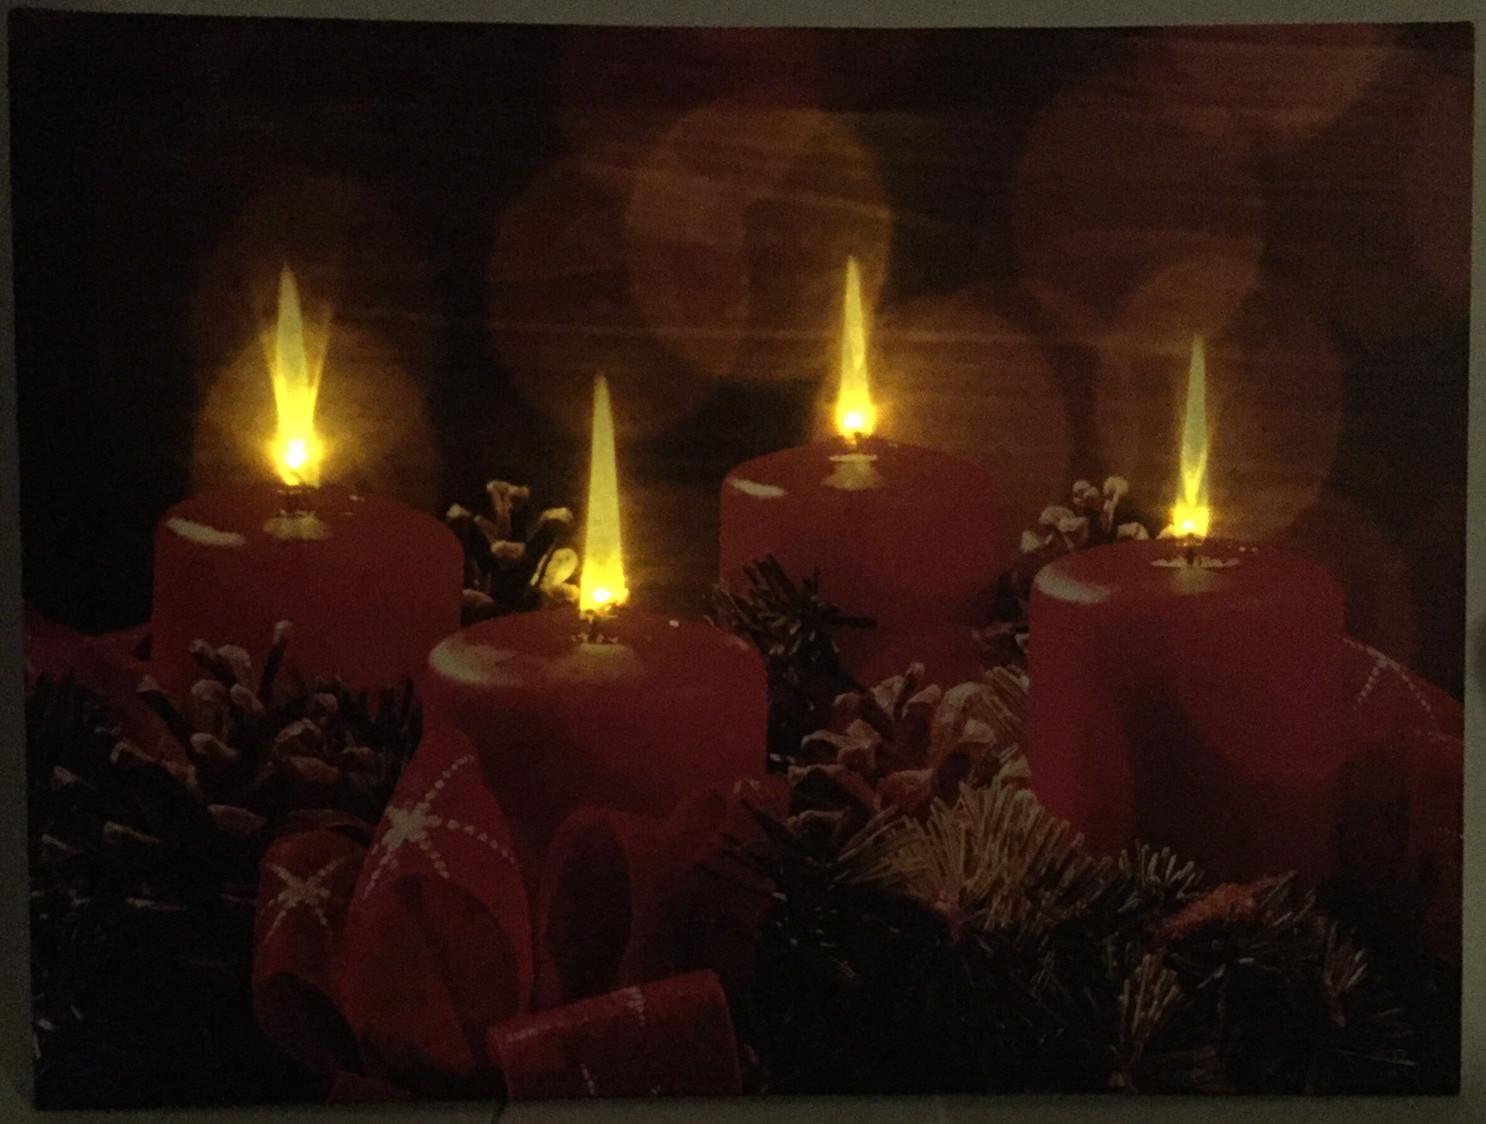 Weihnachtsbilder Mit Led.Led Weihnachtsbild Adventskranz Mit 4 Lichtern Weihnachten Winter